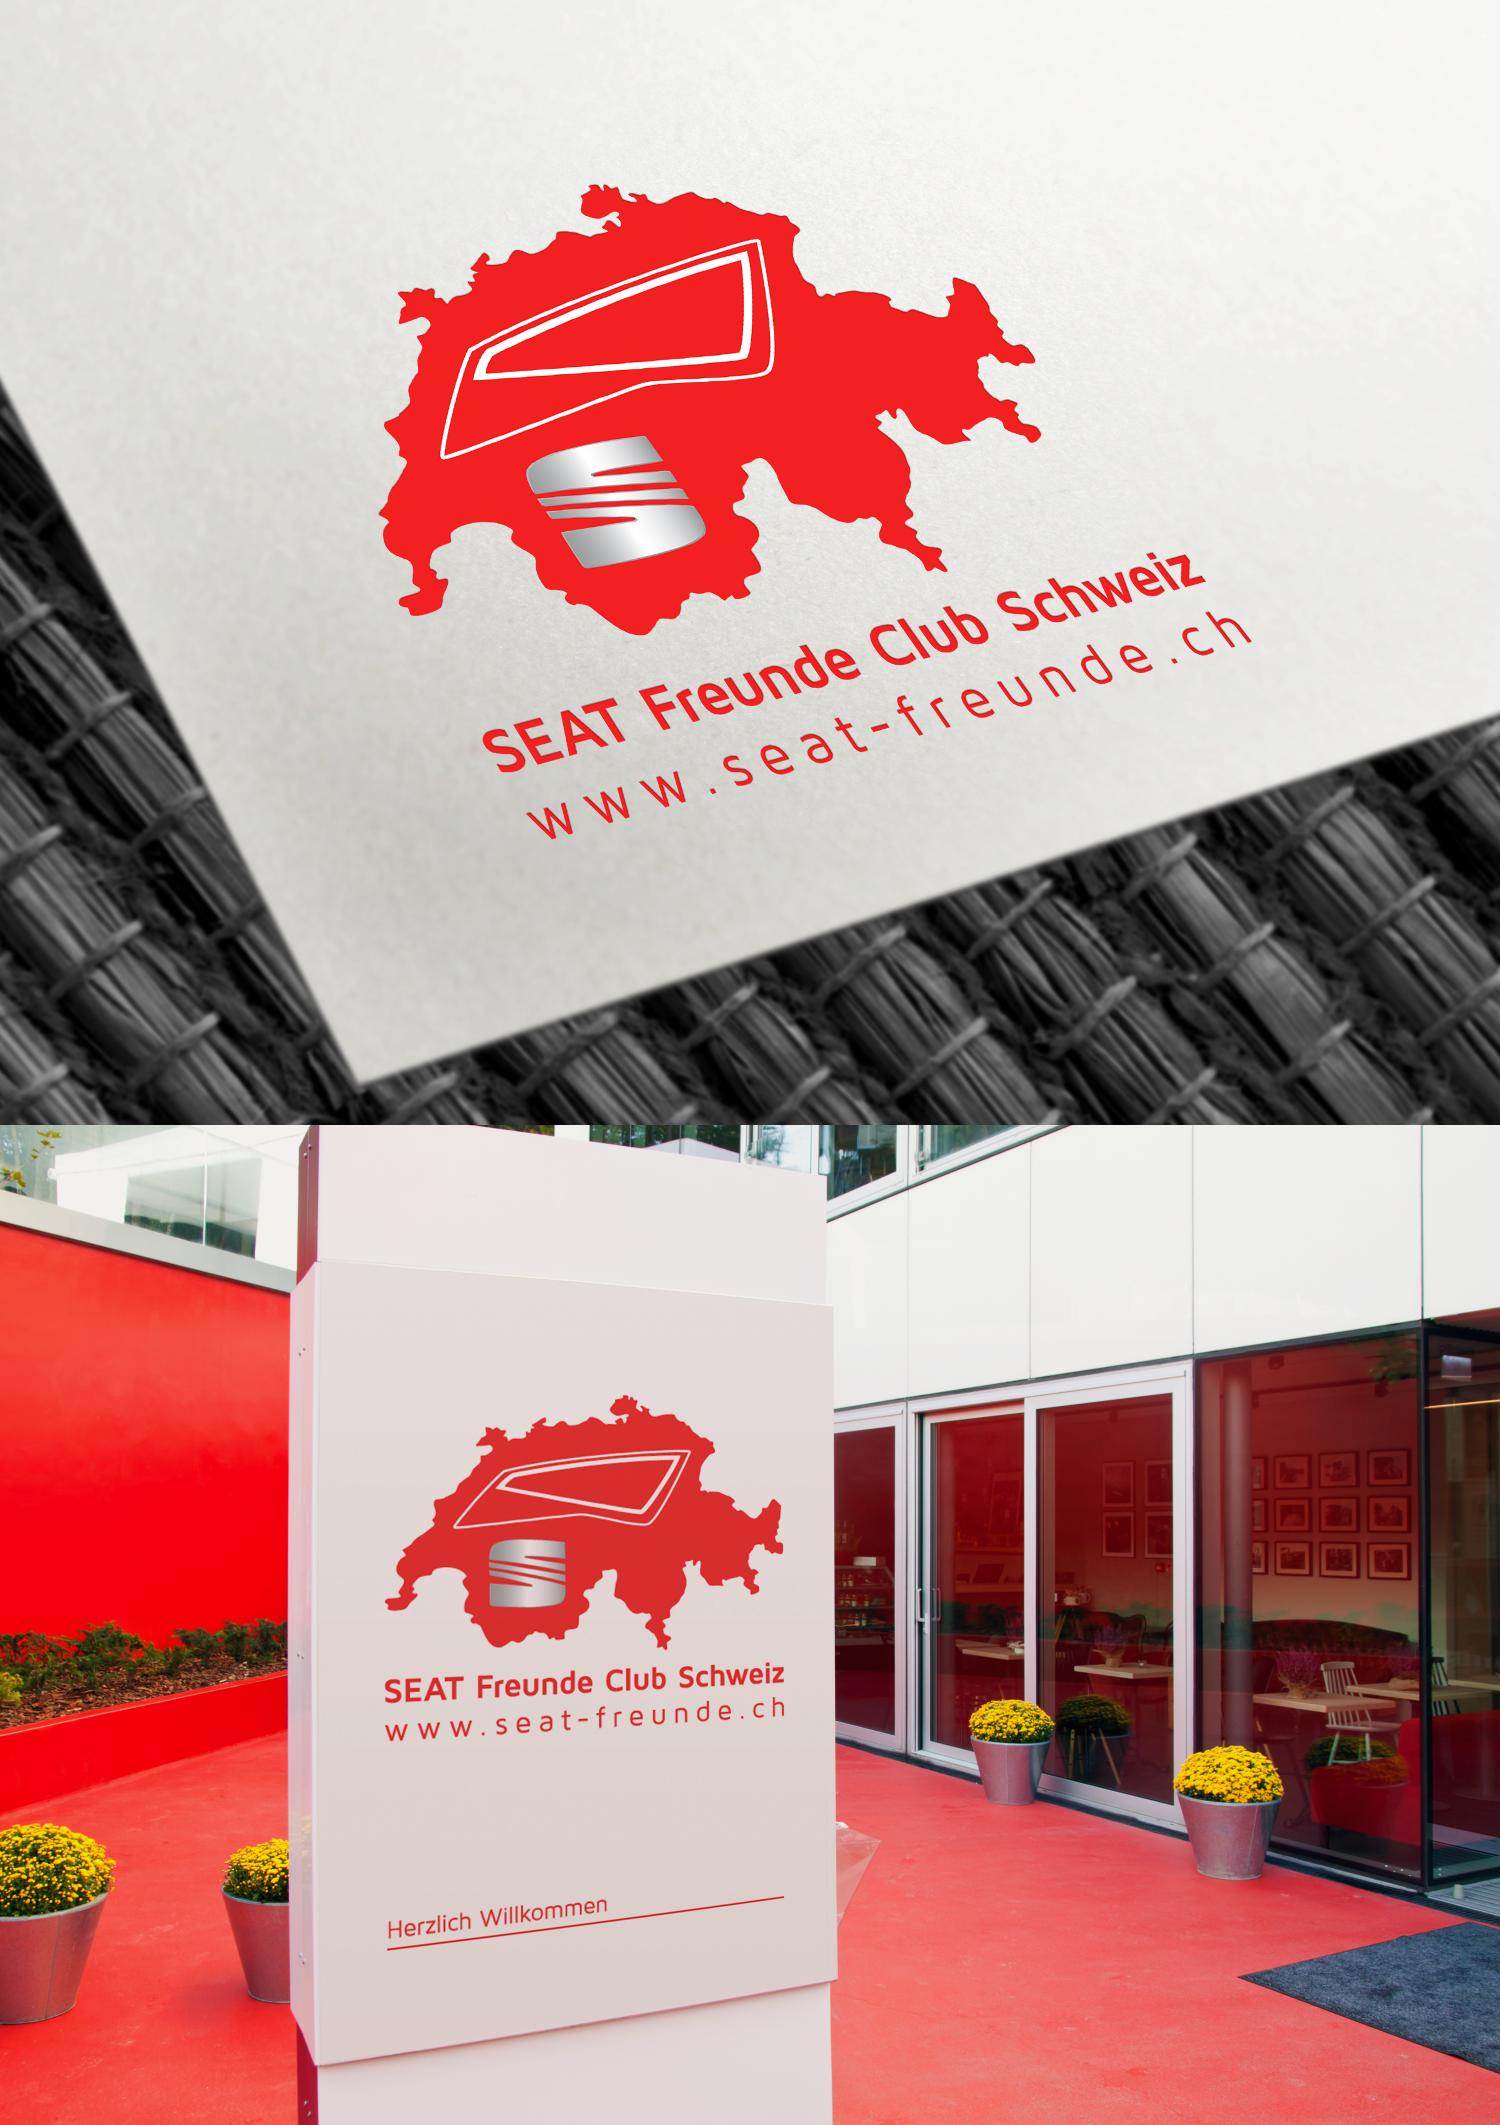 design #59 of DesignCacee